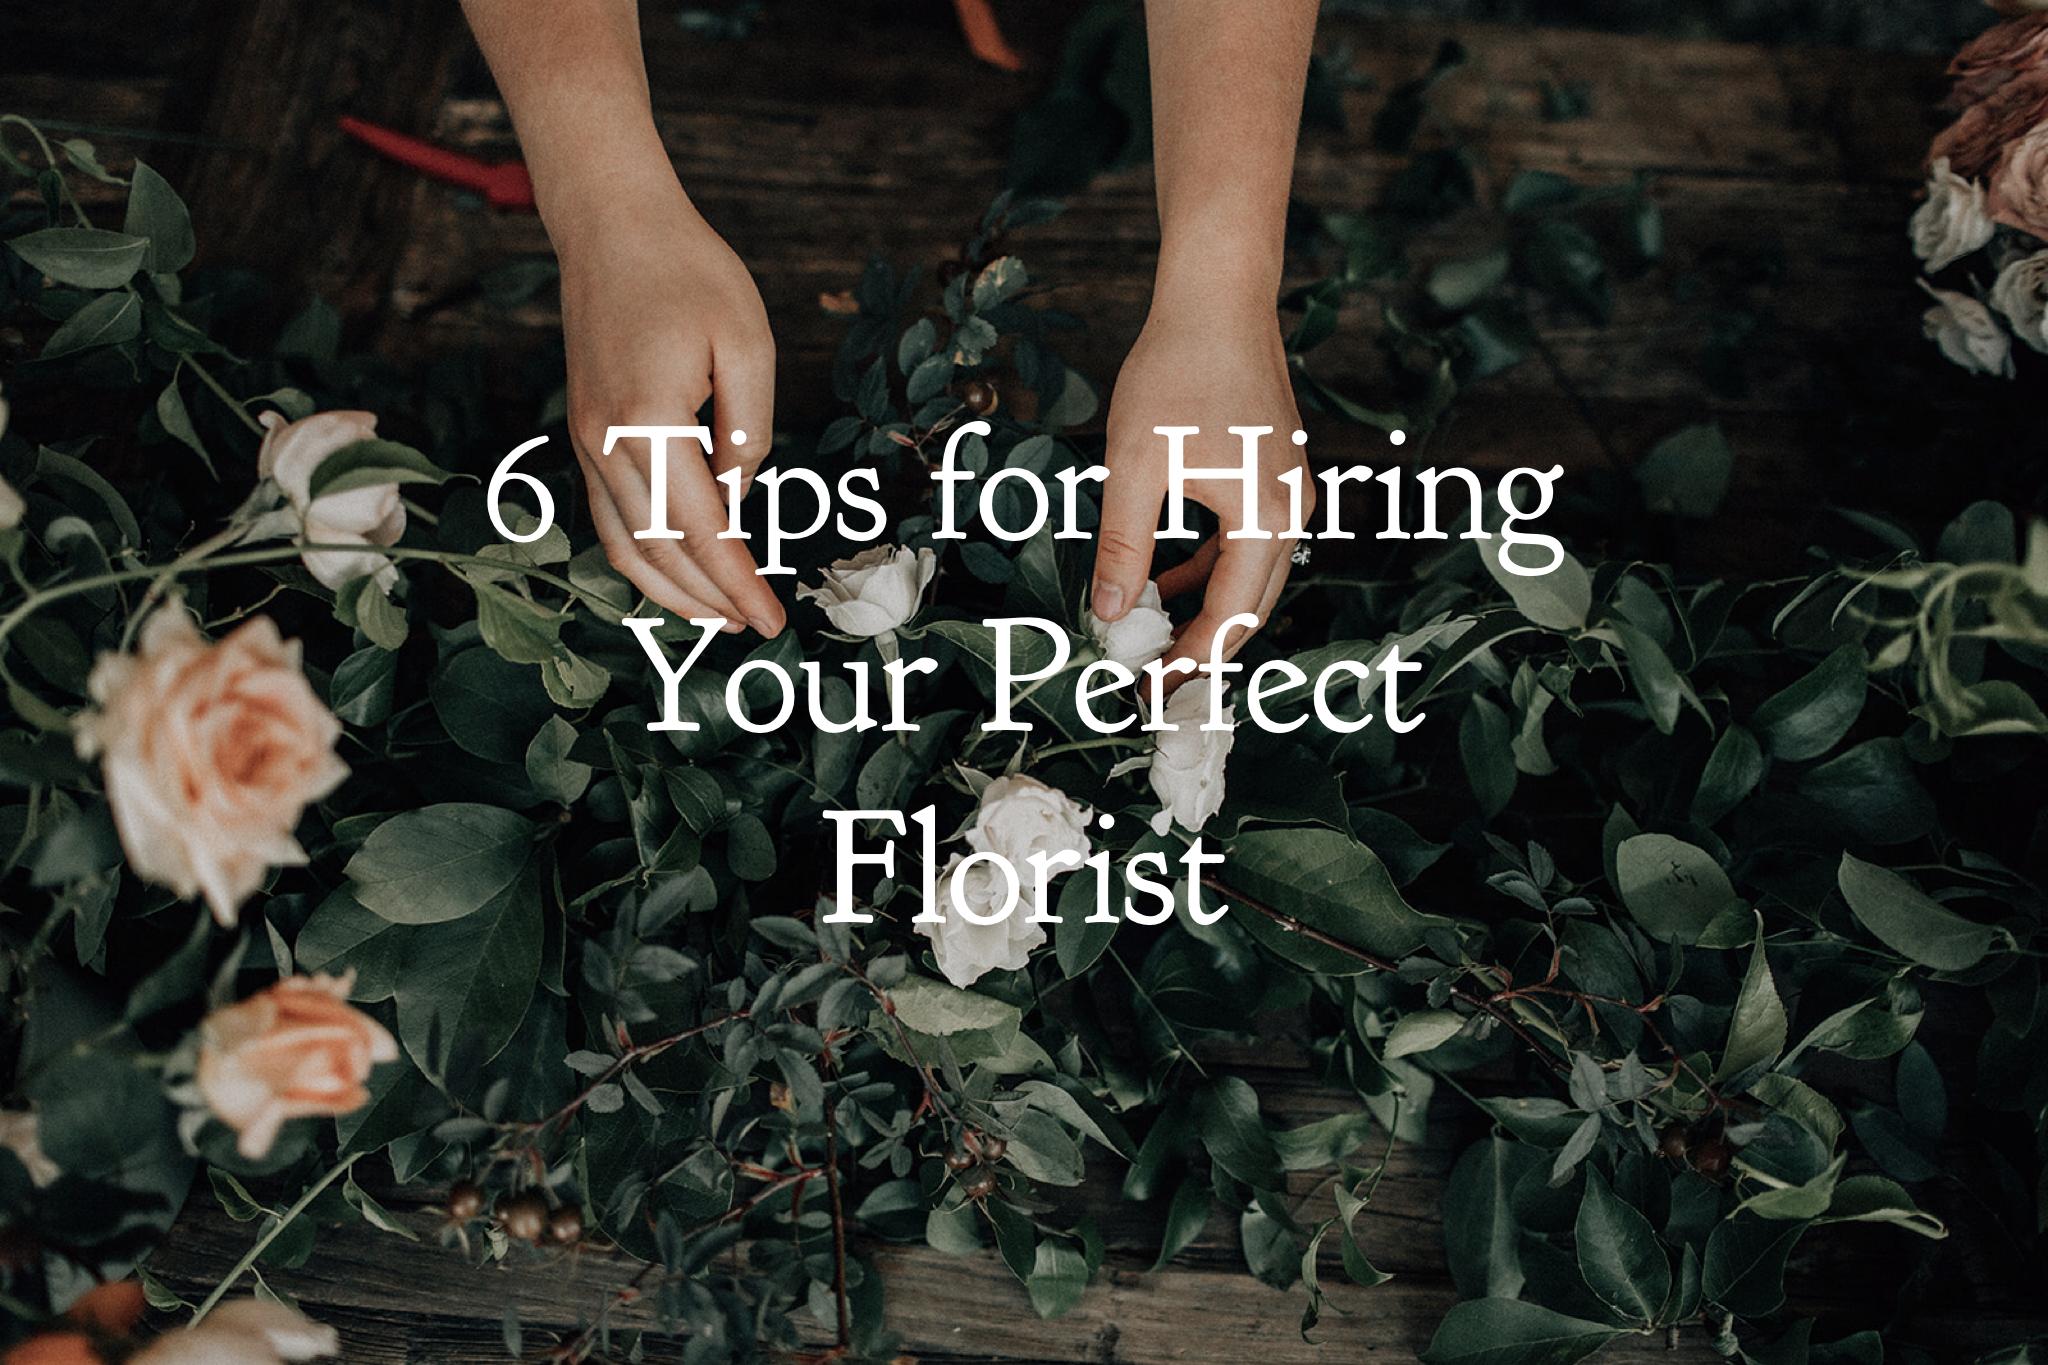 hiring a florist